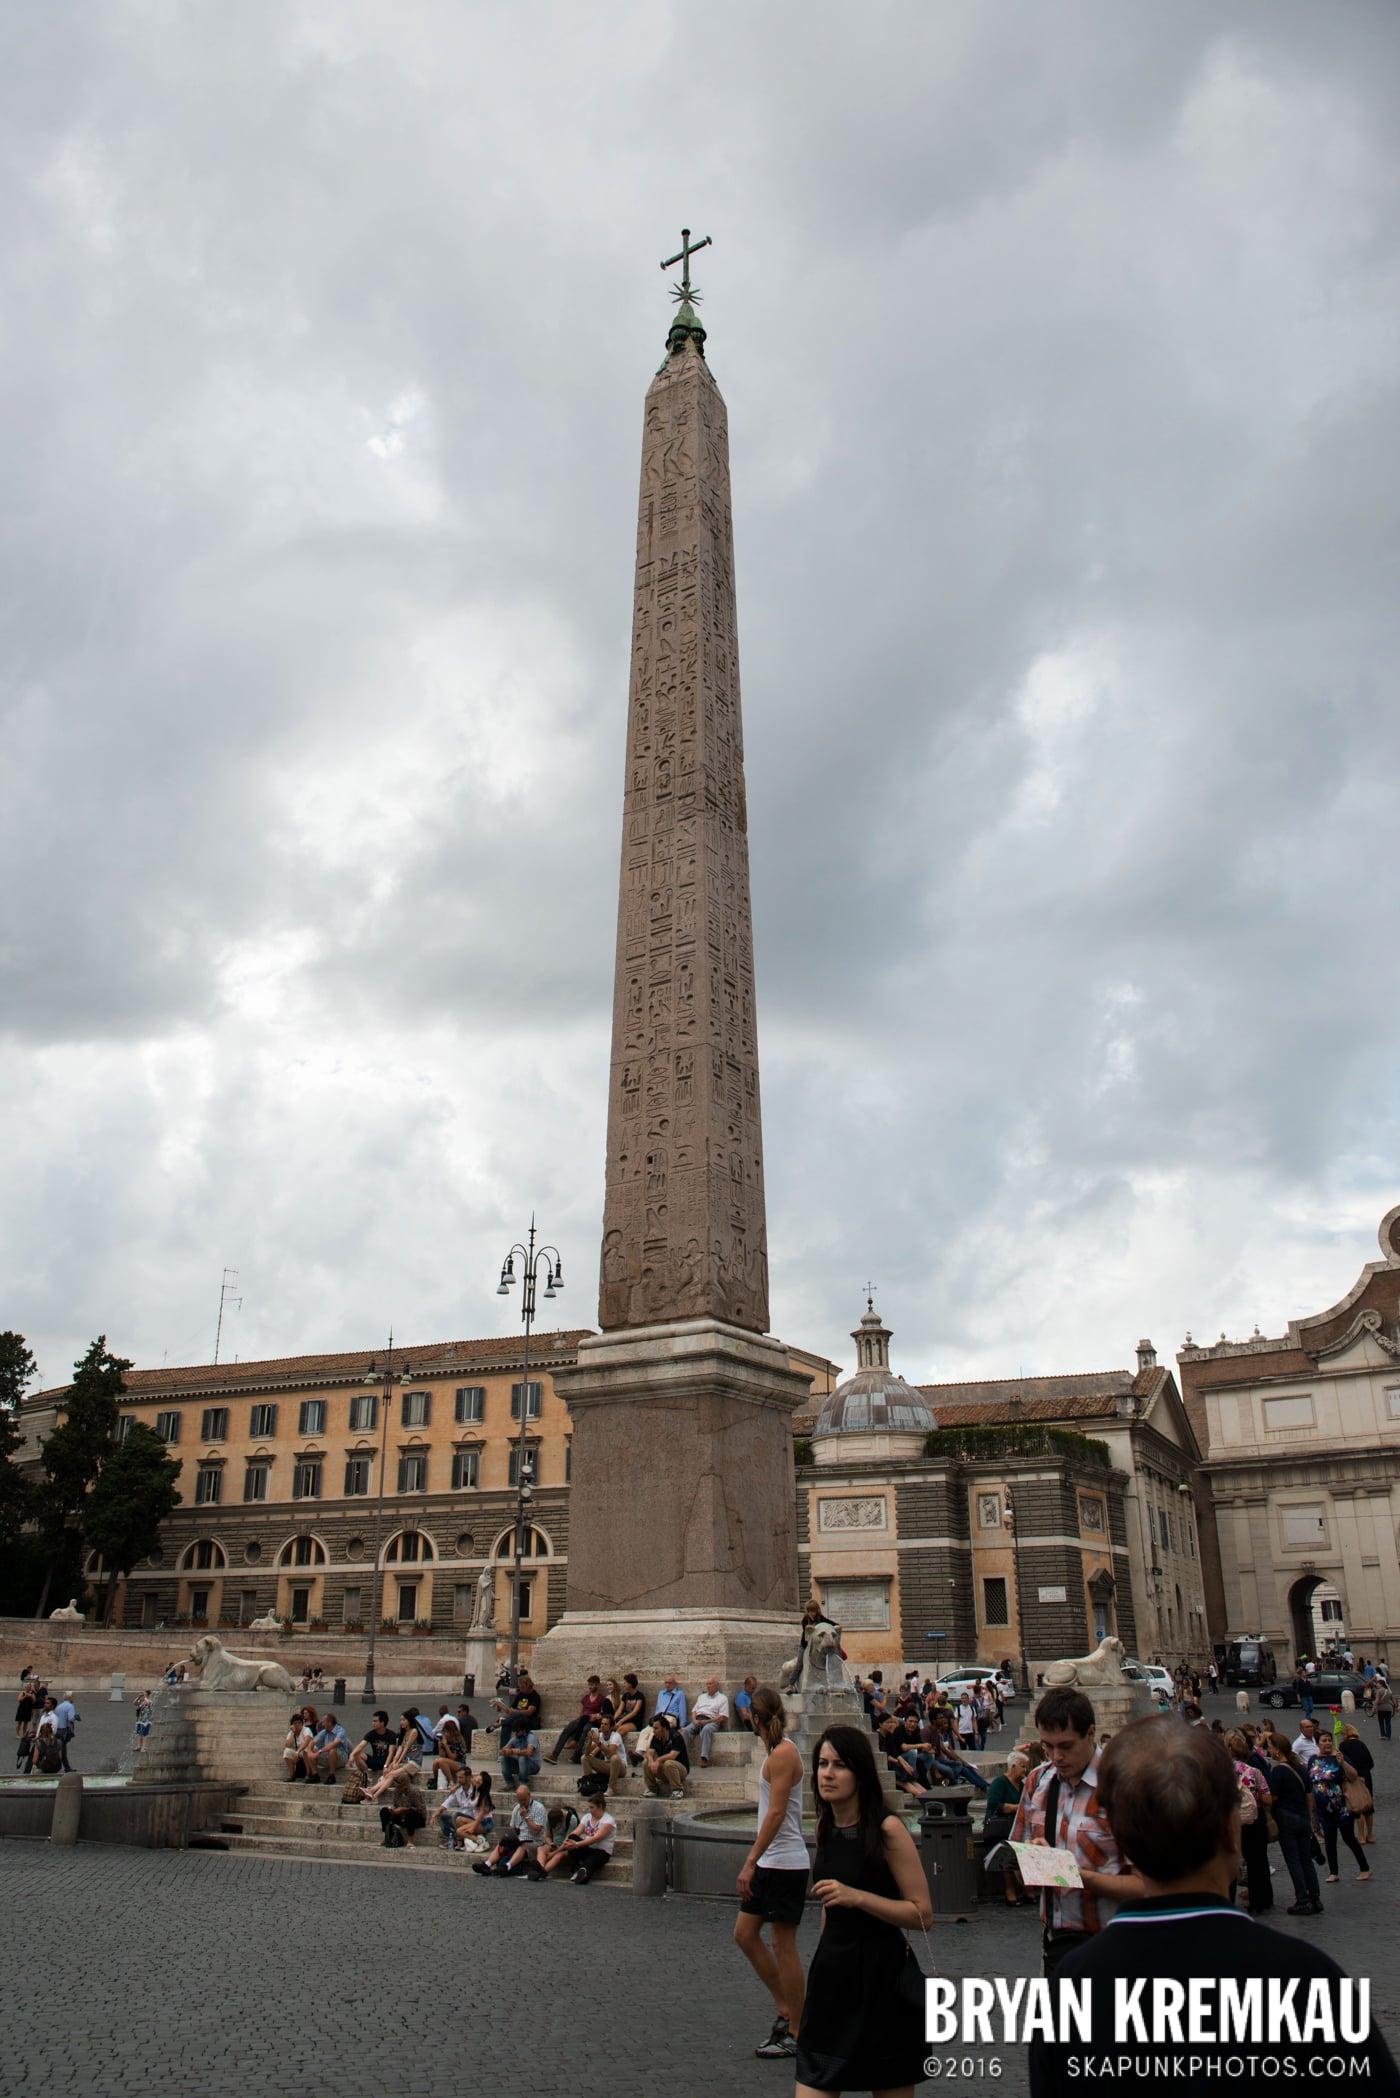 Italy Vacation - Day 3: Rome - 9.11.13 (12)